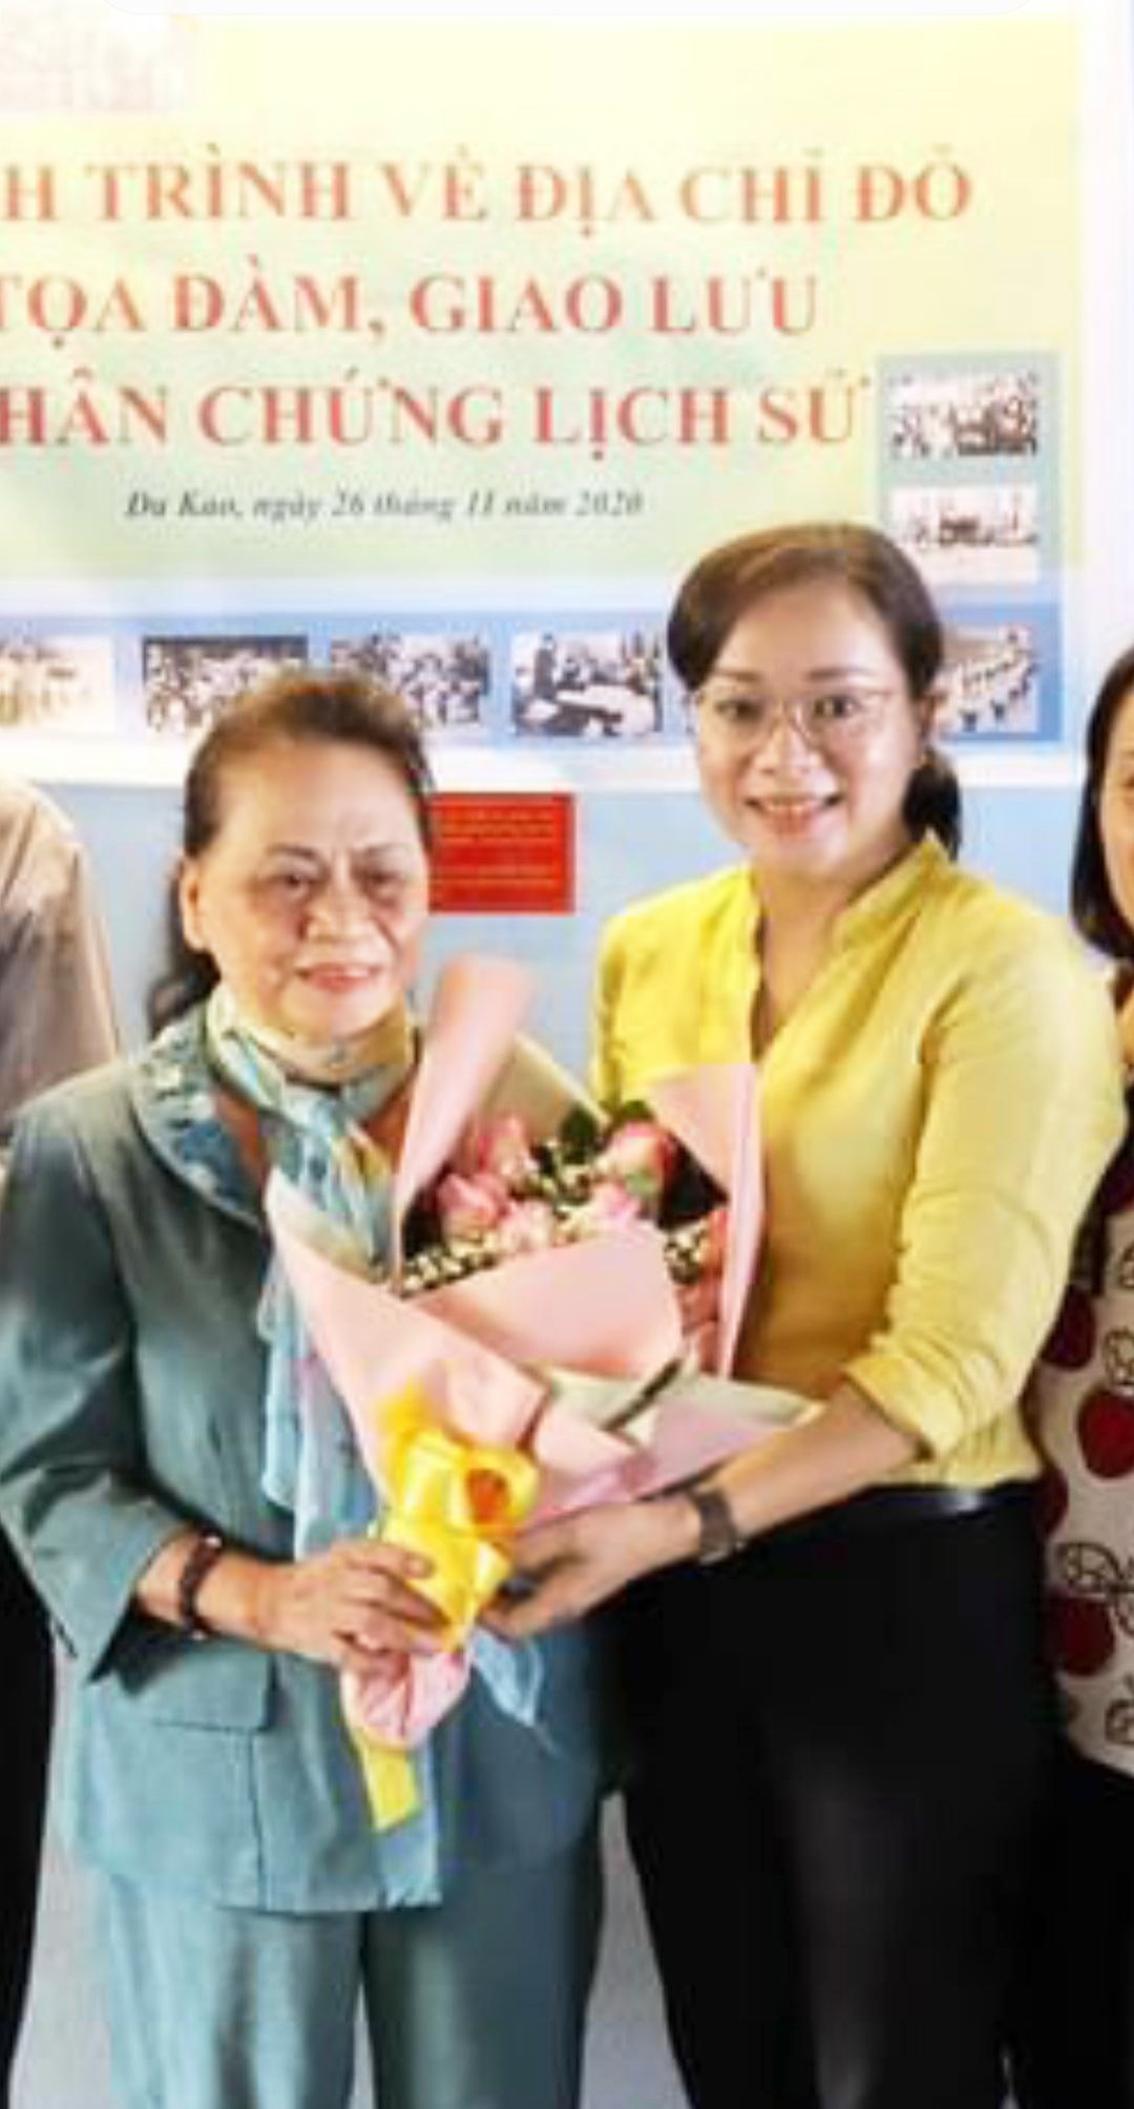 Bà Nguyễn Thị Hường (trái) nhận hoa do Chủ tịch Hội LHPN Q.1 chúc mừng nhân ngày họp mặt truyền thống